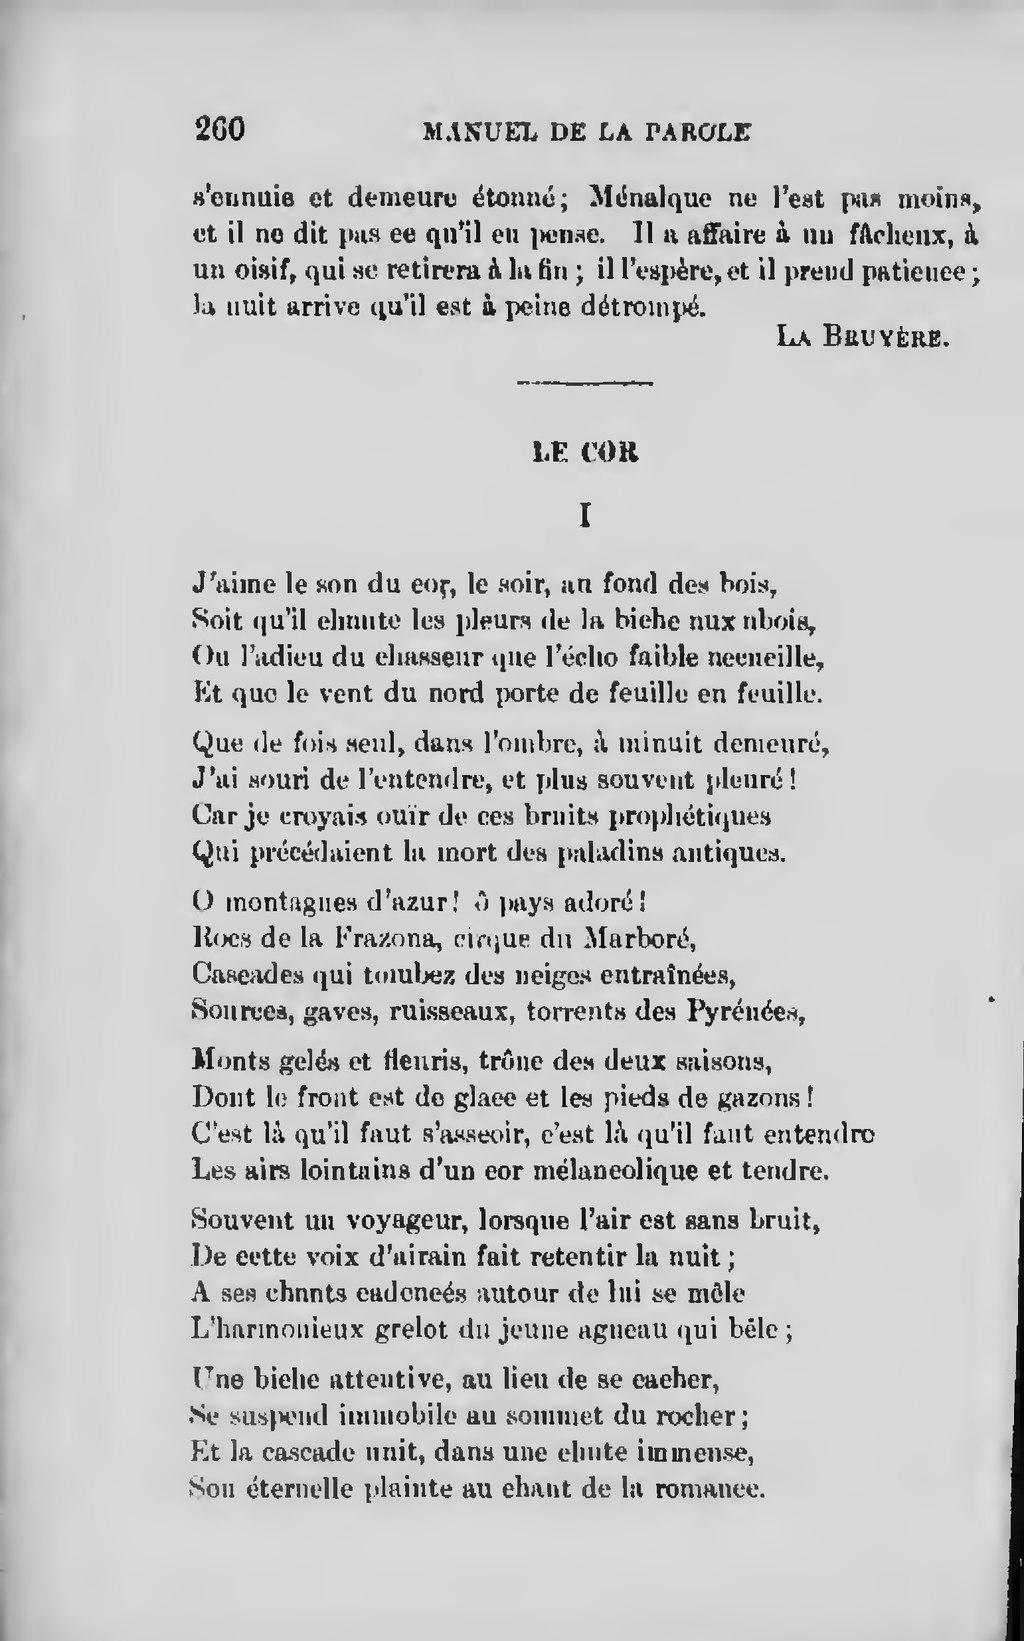 J'aime Le Son Du Cor Le Soir Au Fond Des Bois : j'aime, Page:Rivard, Manuel, Parole,, Traité, Prononciation,, 1901.djvu/270, Wikisource